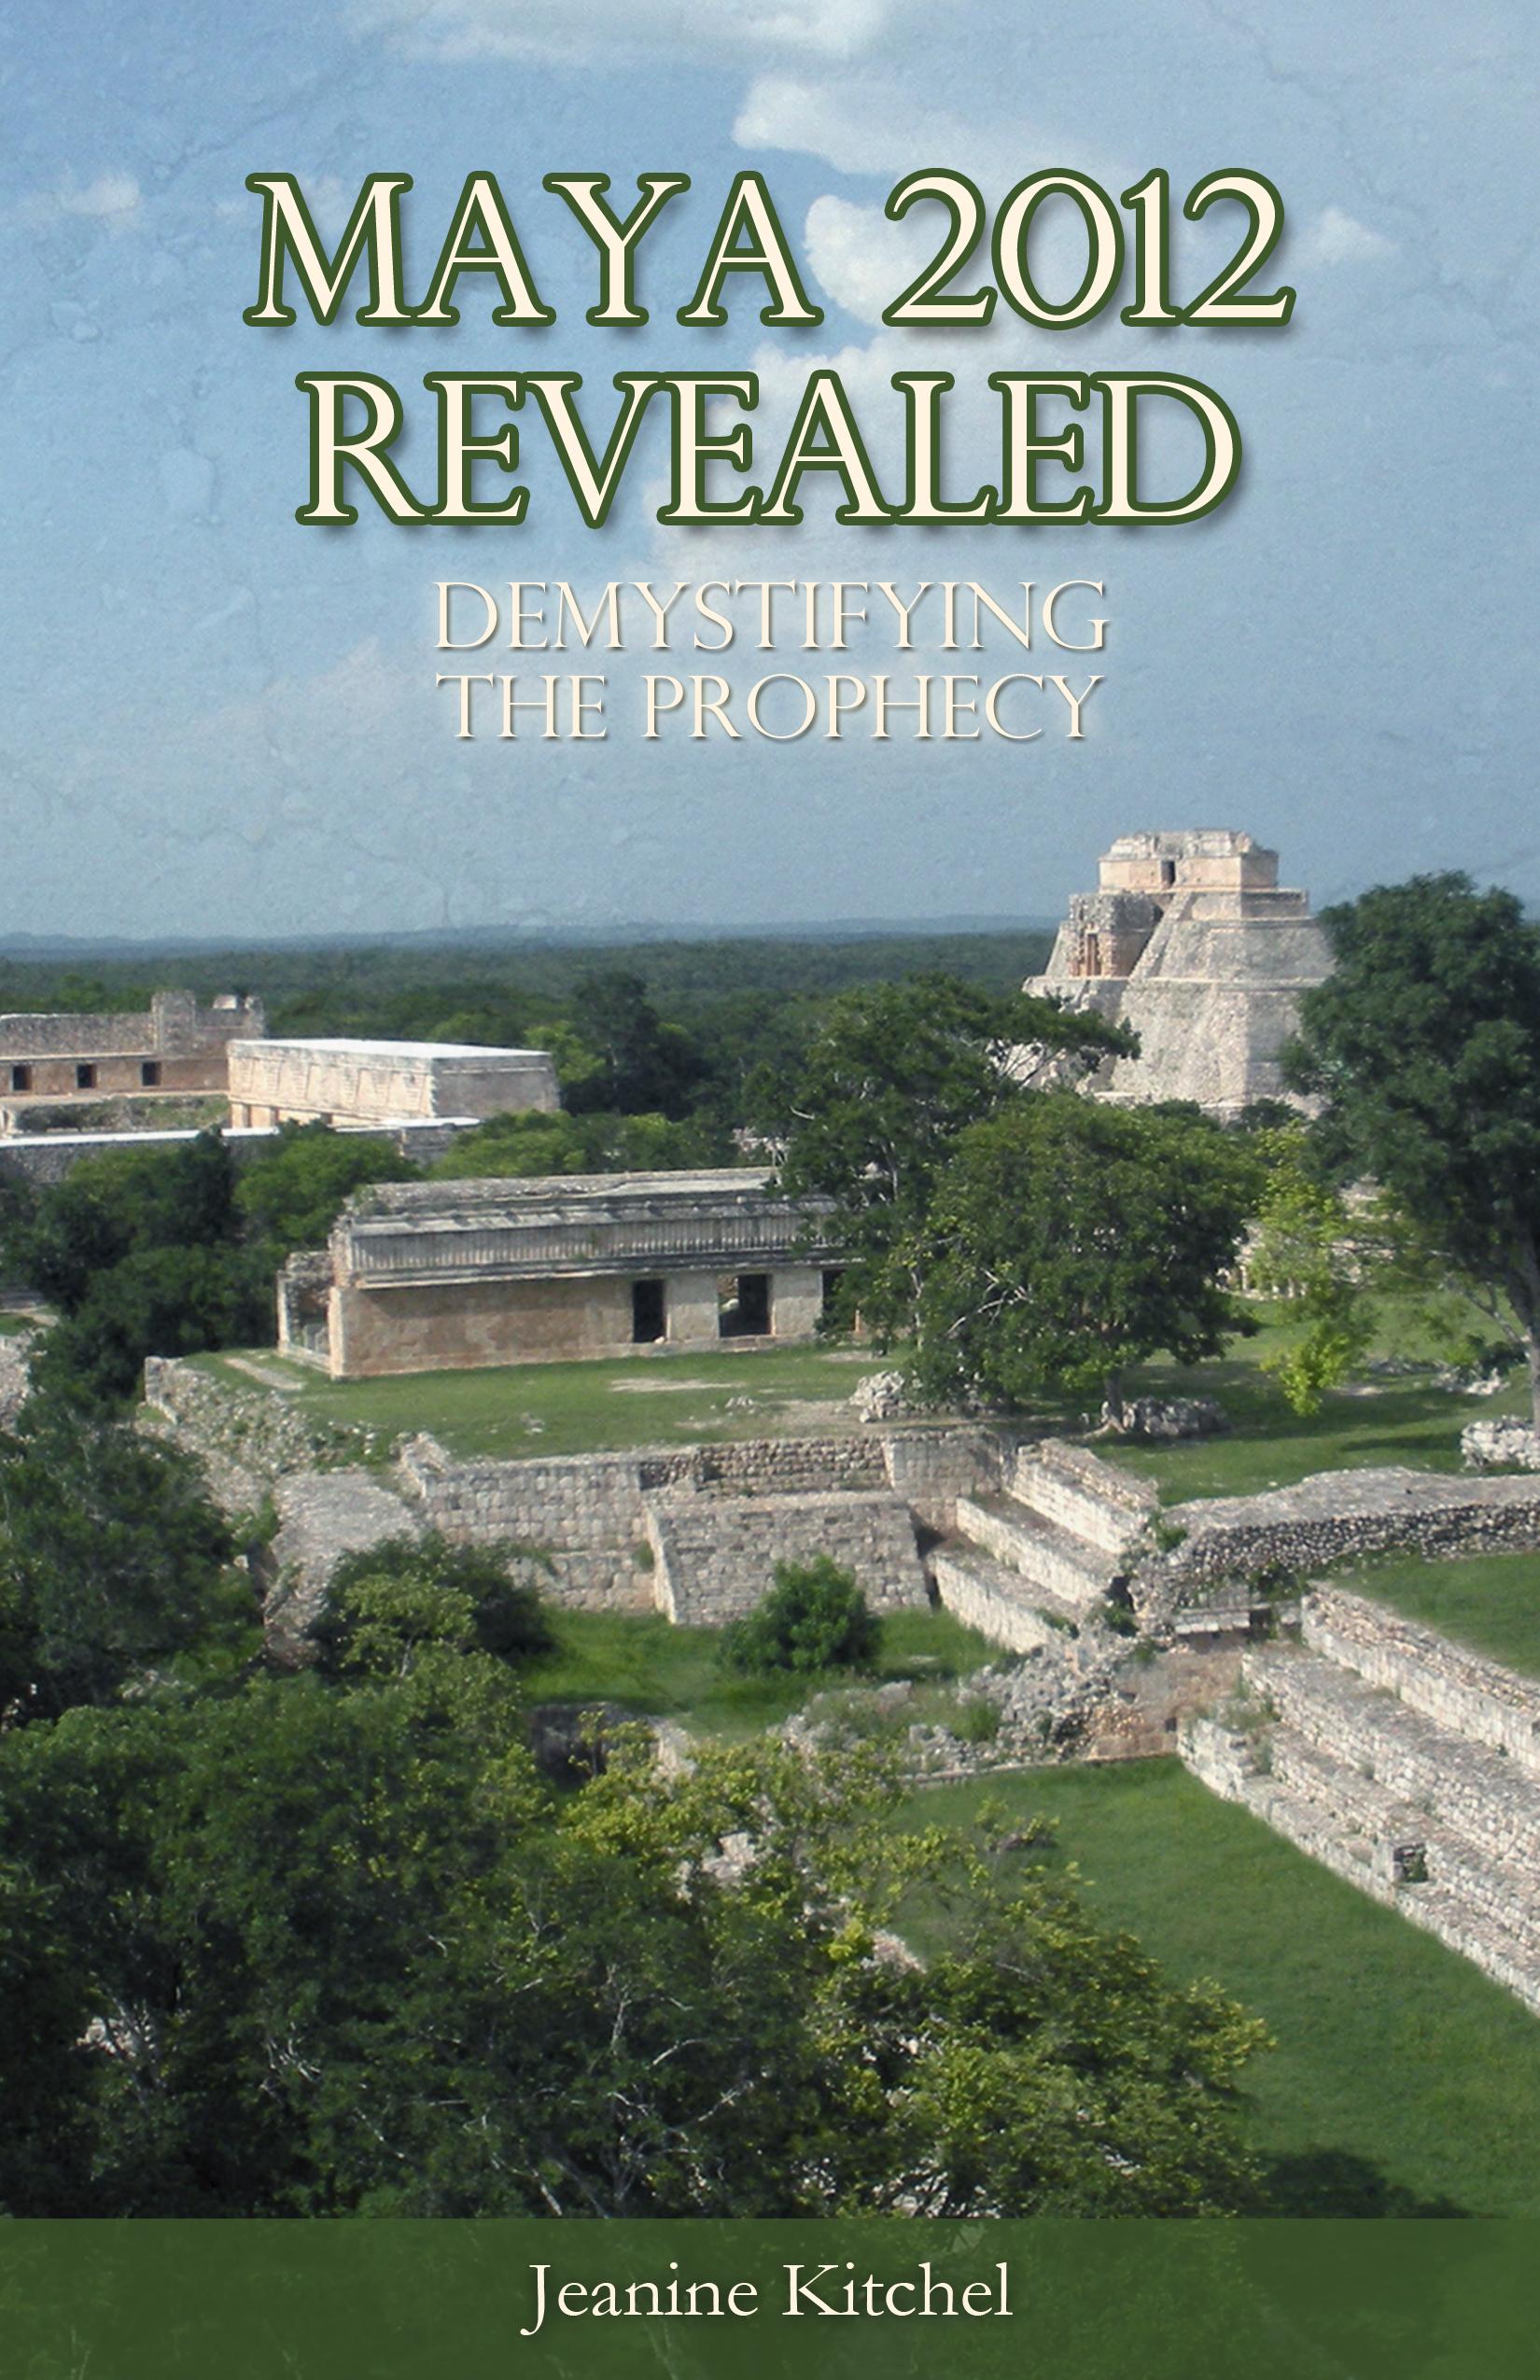 Maya 2012 F Cover (Print).jpg